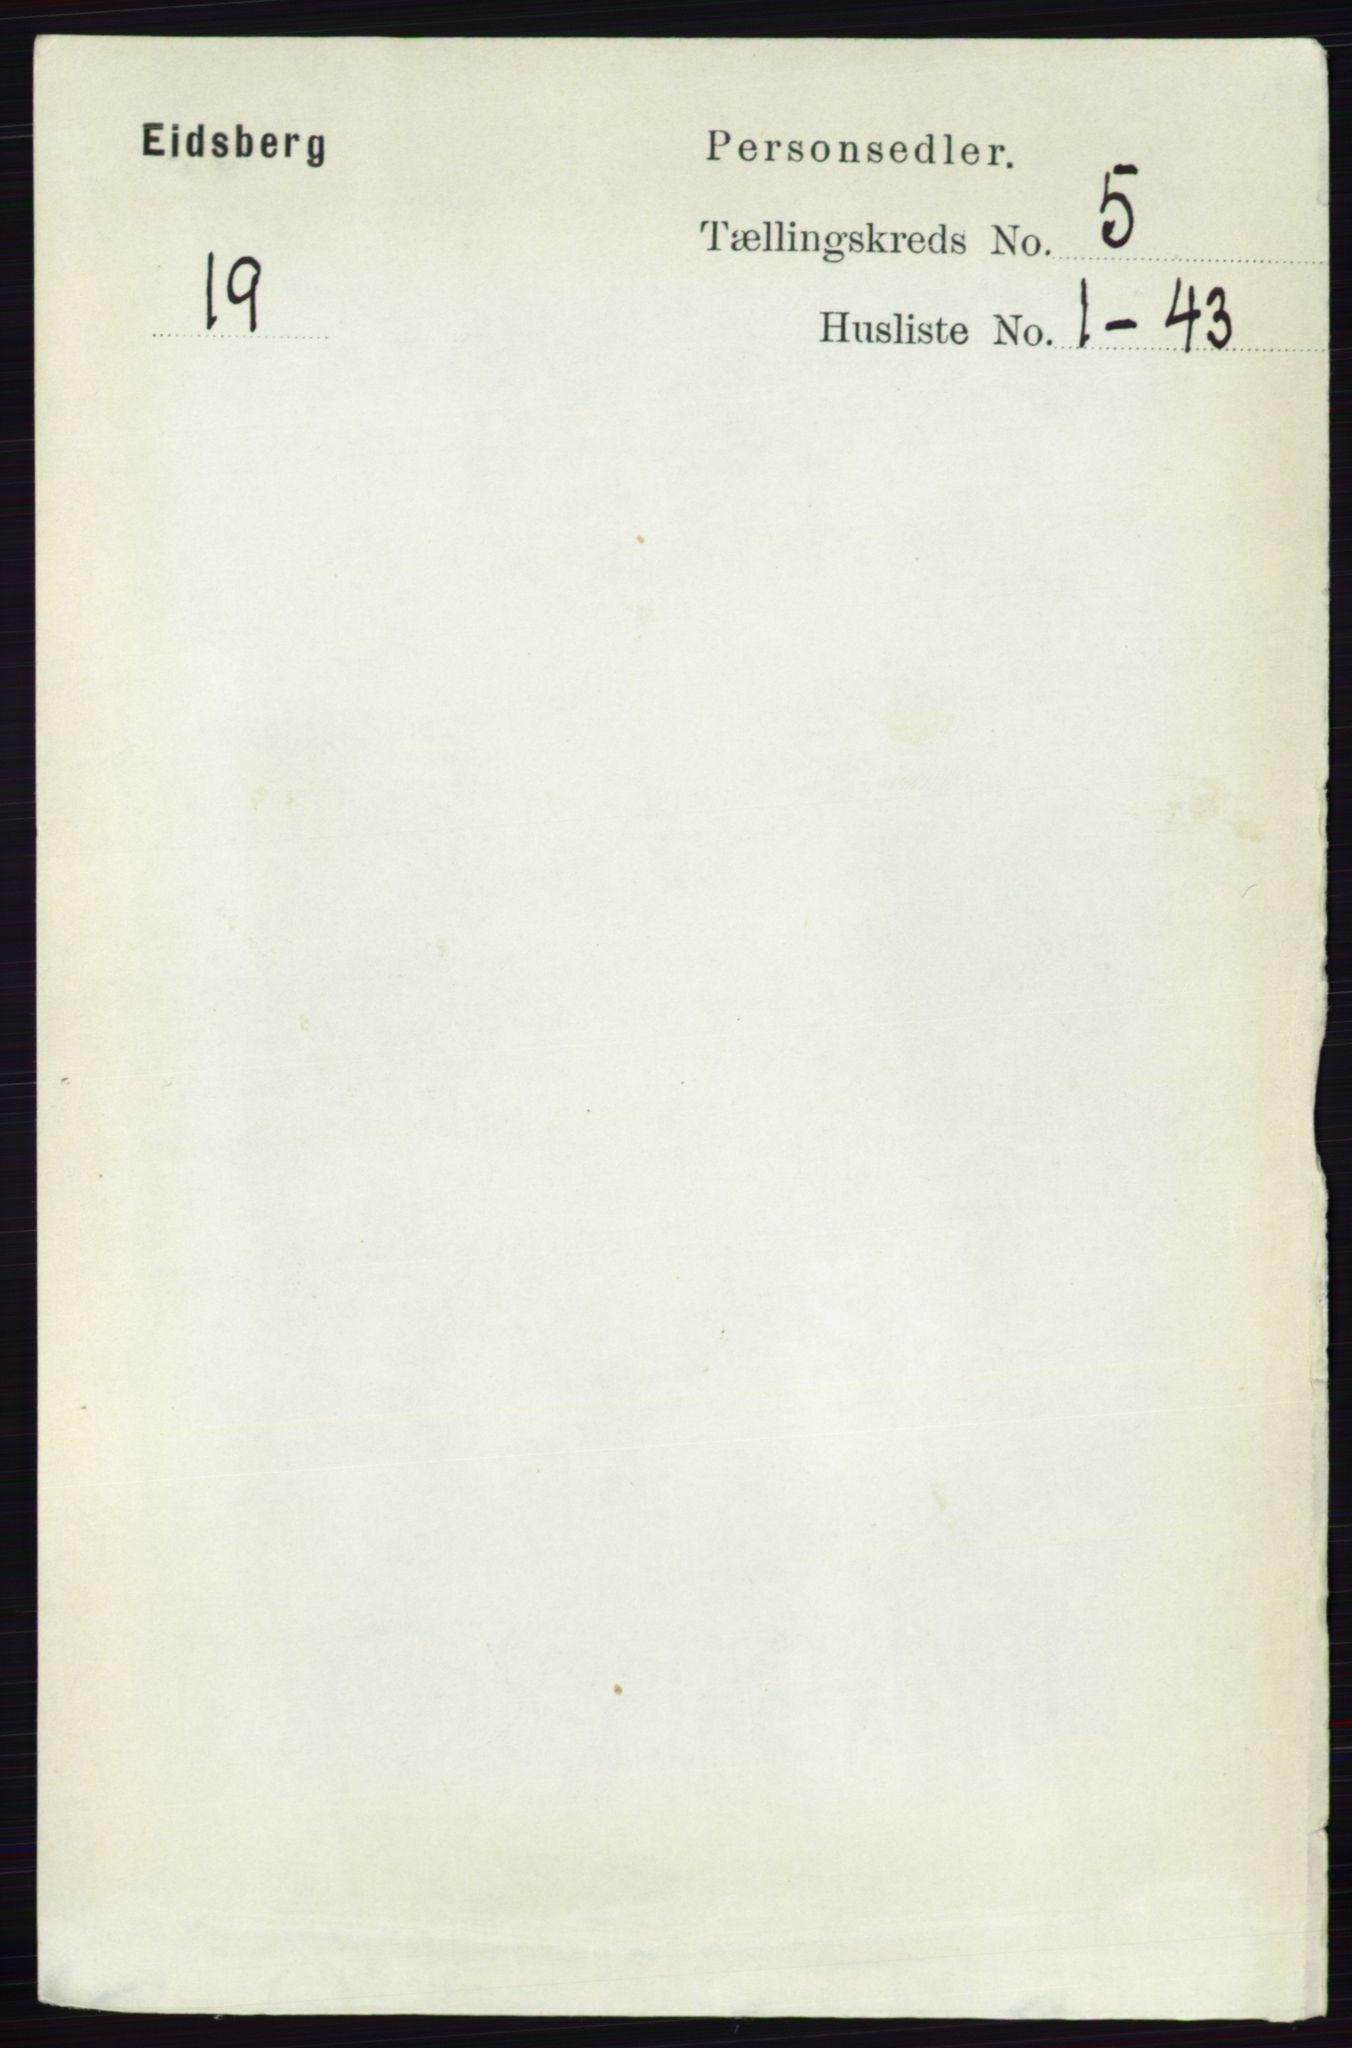 RA, Folketelling 1891 for 0125 Eidsberg herred, 1891, s. 3016